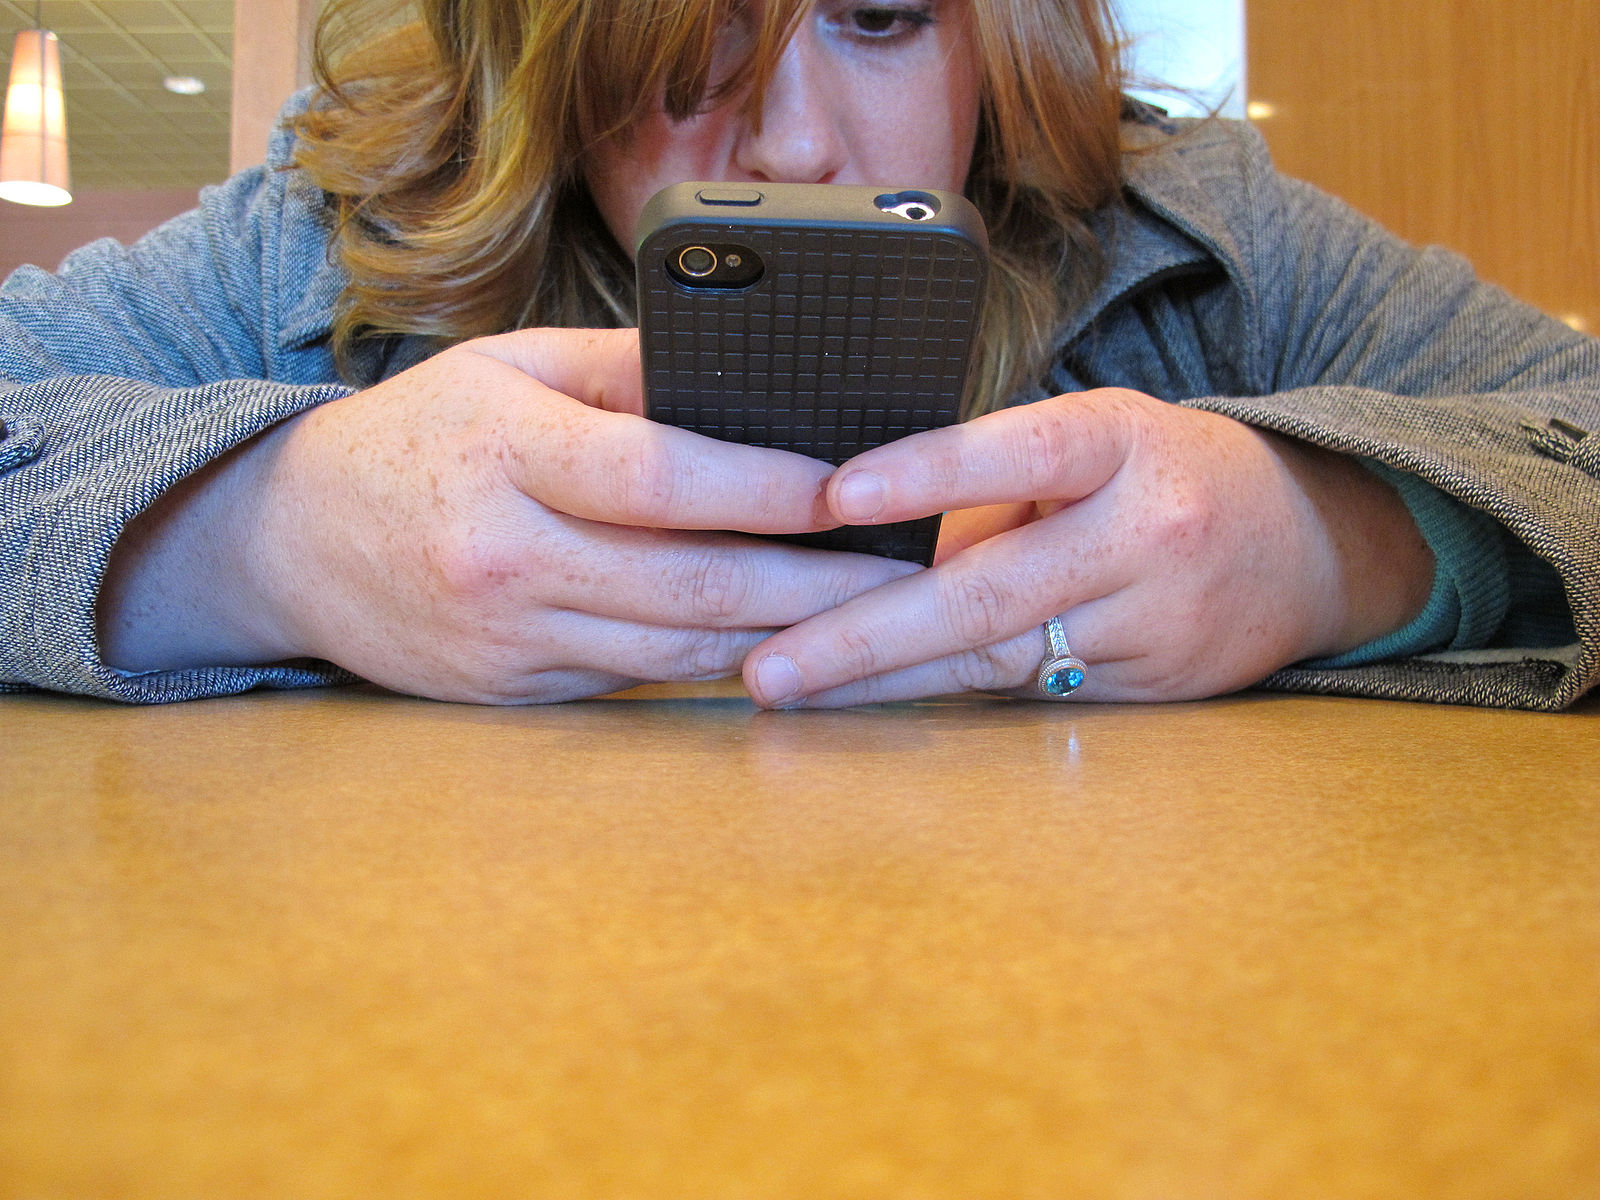 Girl Using Mobile App